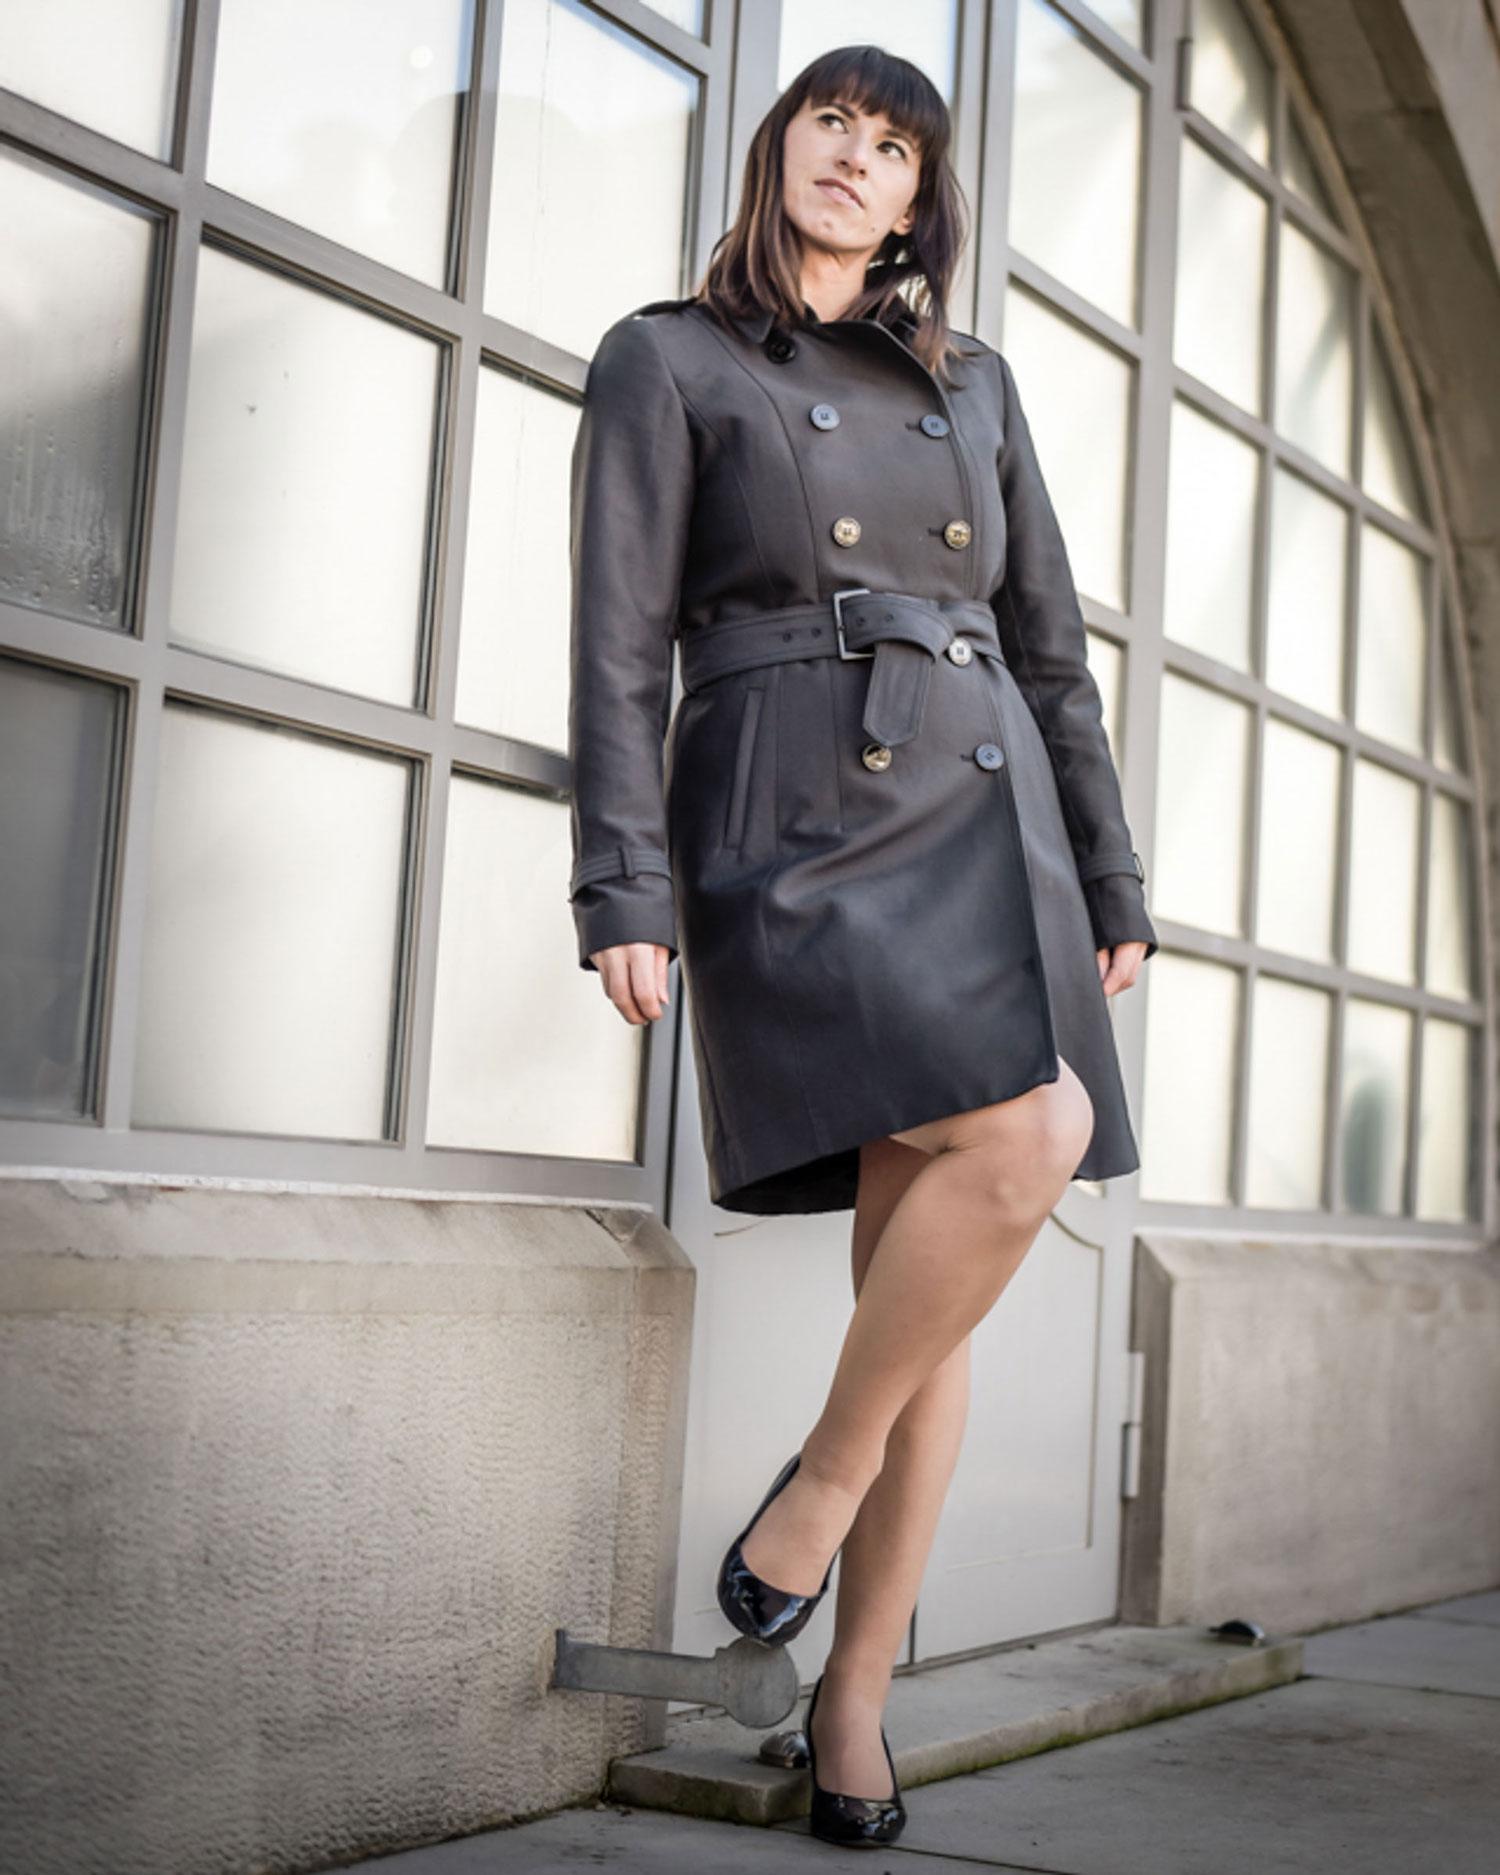 Sleeves: Kleid von Review, Ankle Boots von Navyboots, Trenchcoat von Hallhuber